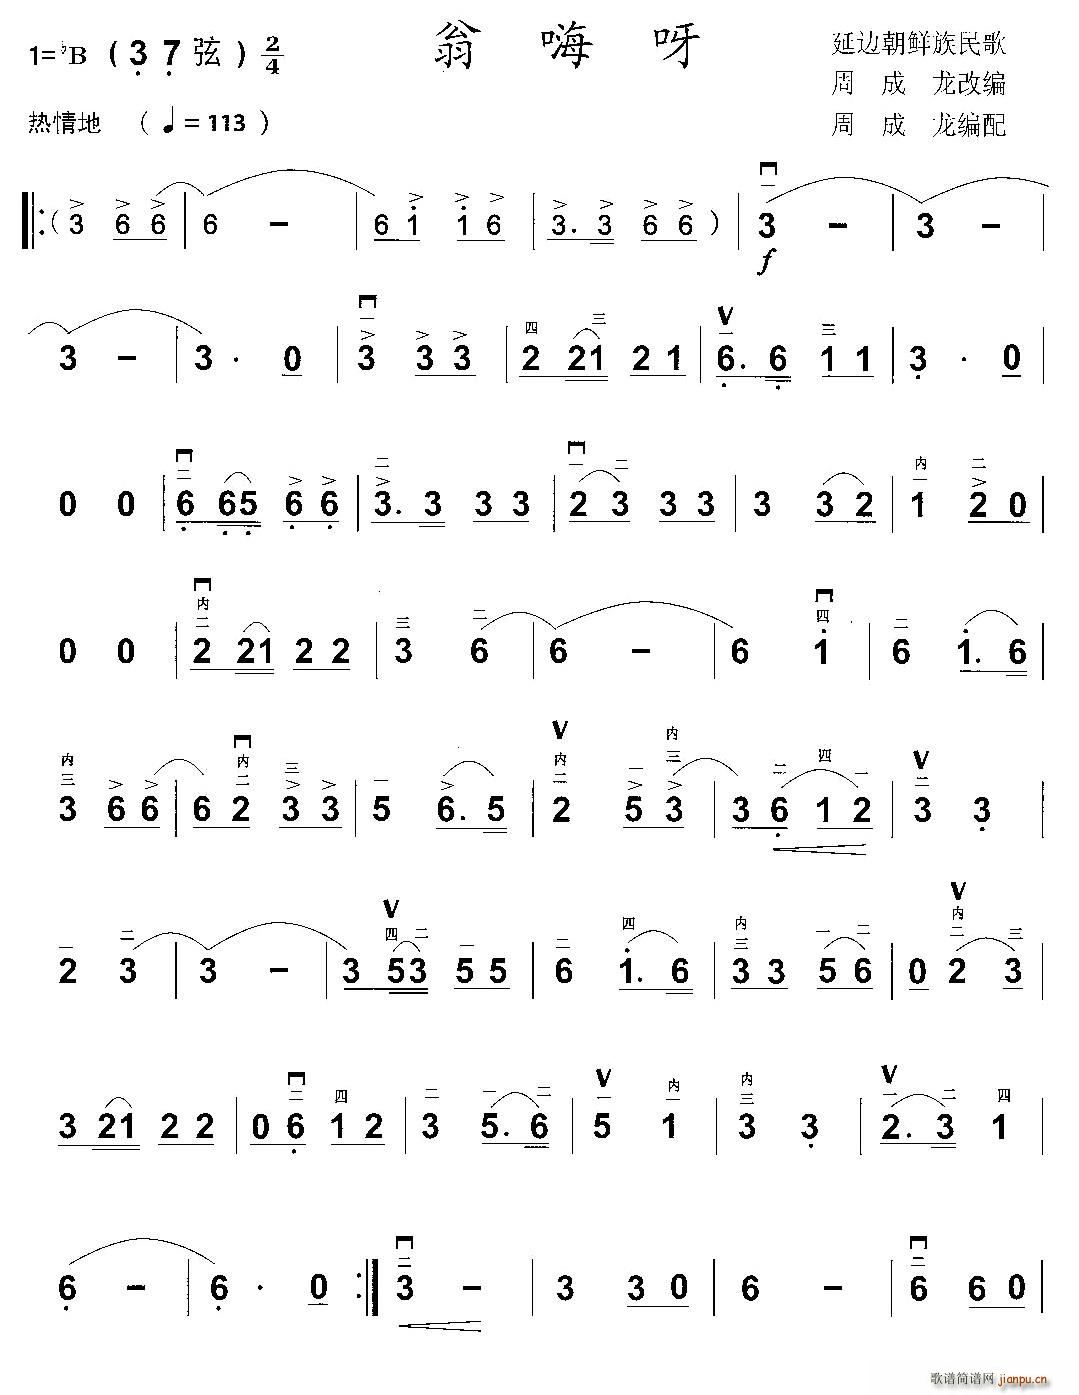 翁嗨呀(三字歌谱)1